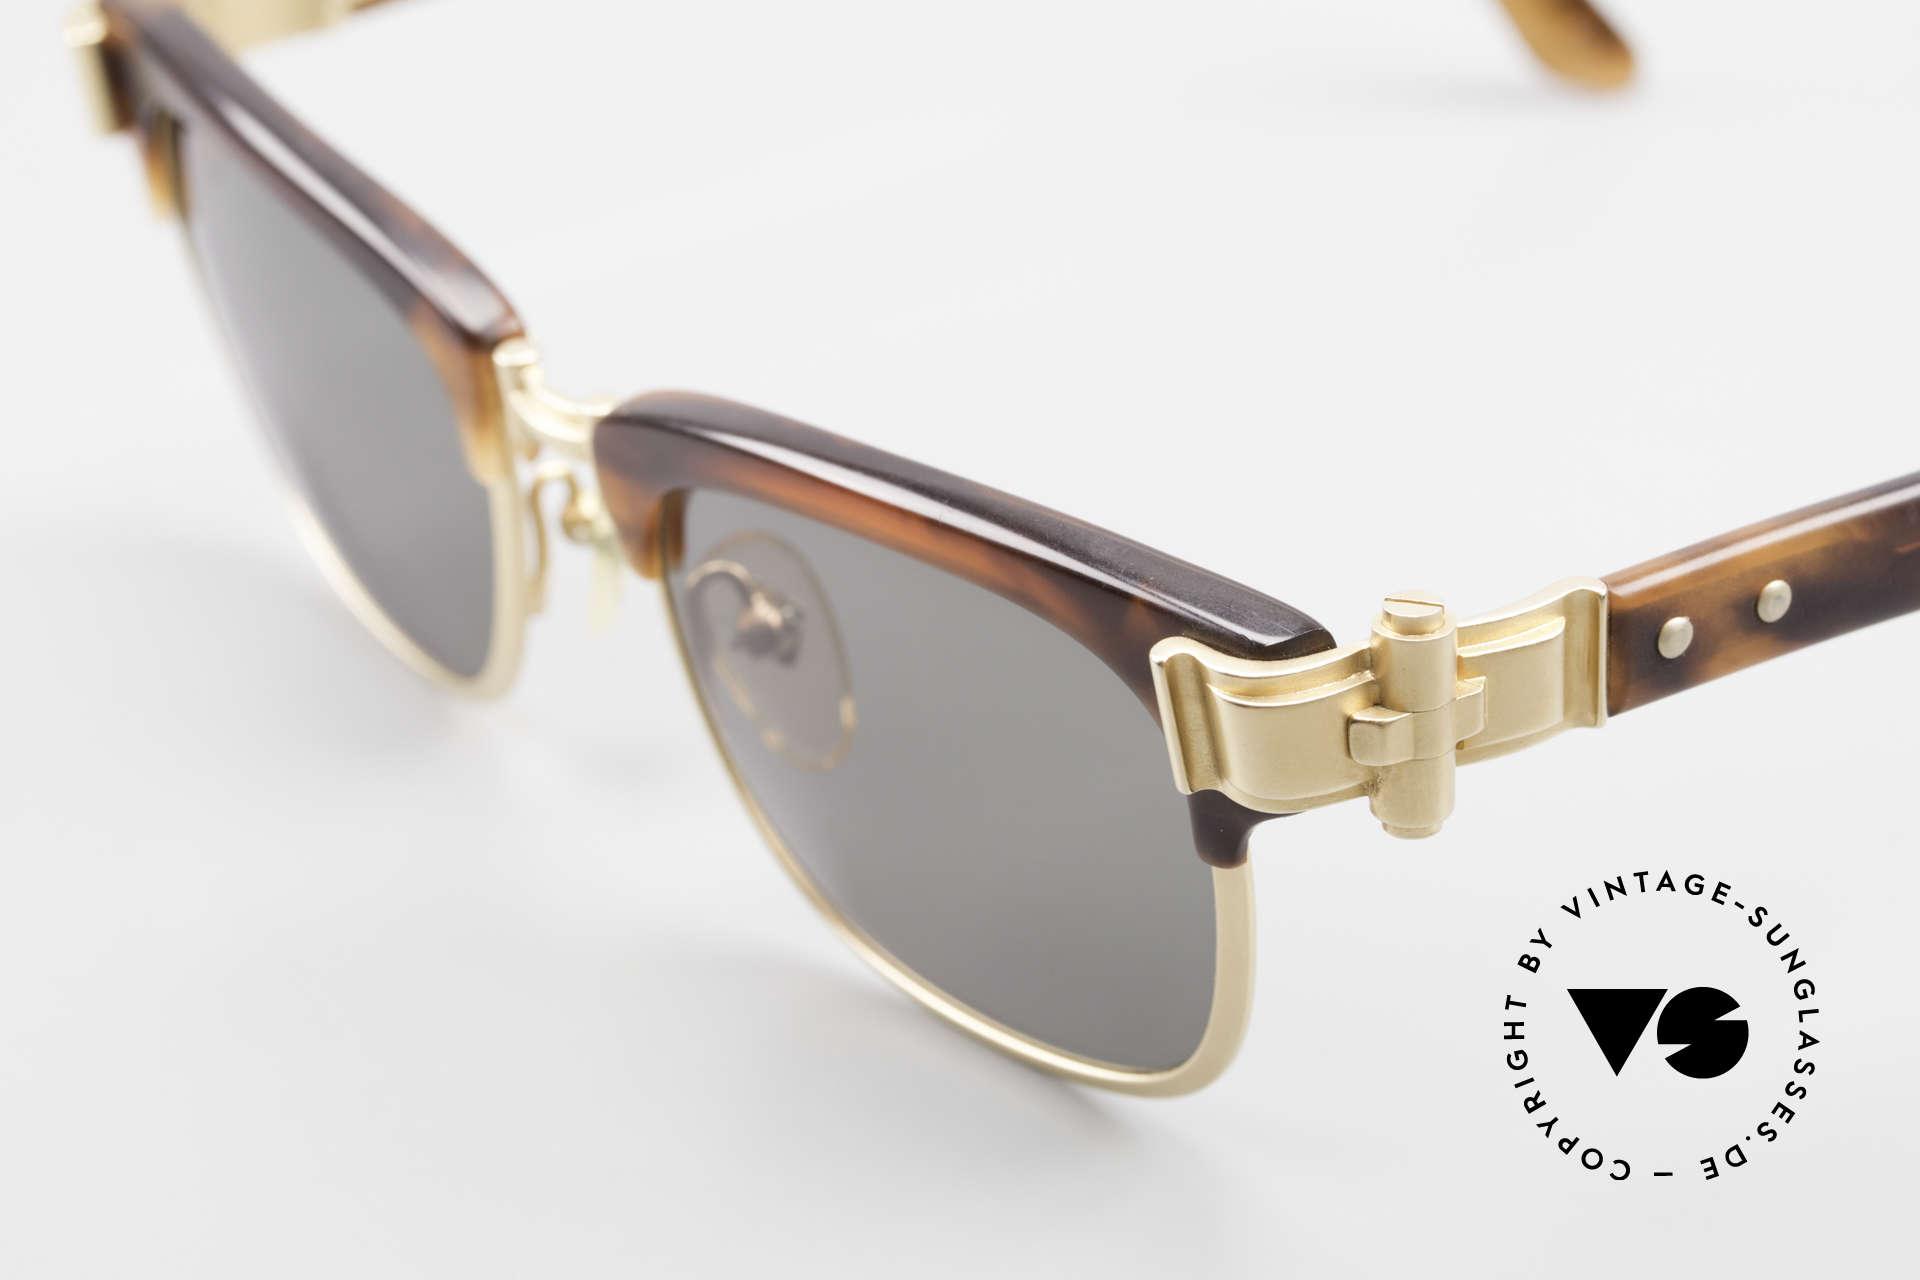 Jean Paul Gaultier 56-5202 JPG Designer Sonnenbrille, ungetragen (wie alle unsere vintage J.P.G. Brillen), Passend für Herren und Damen